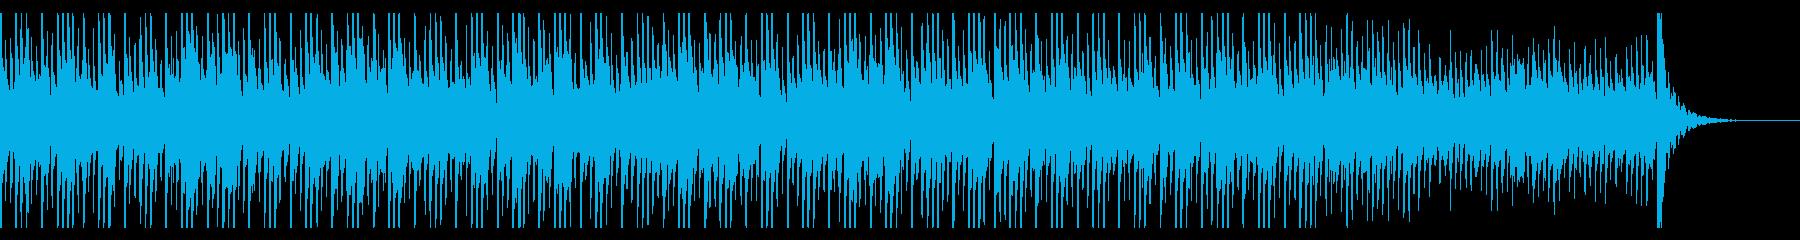 ミステリアスなゲームミュージックの再生済みの波形